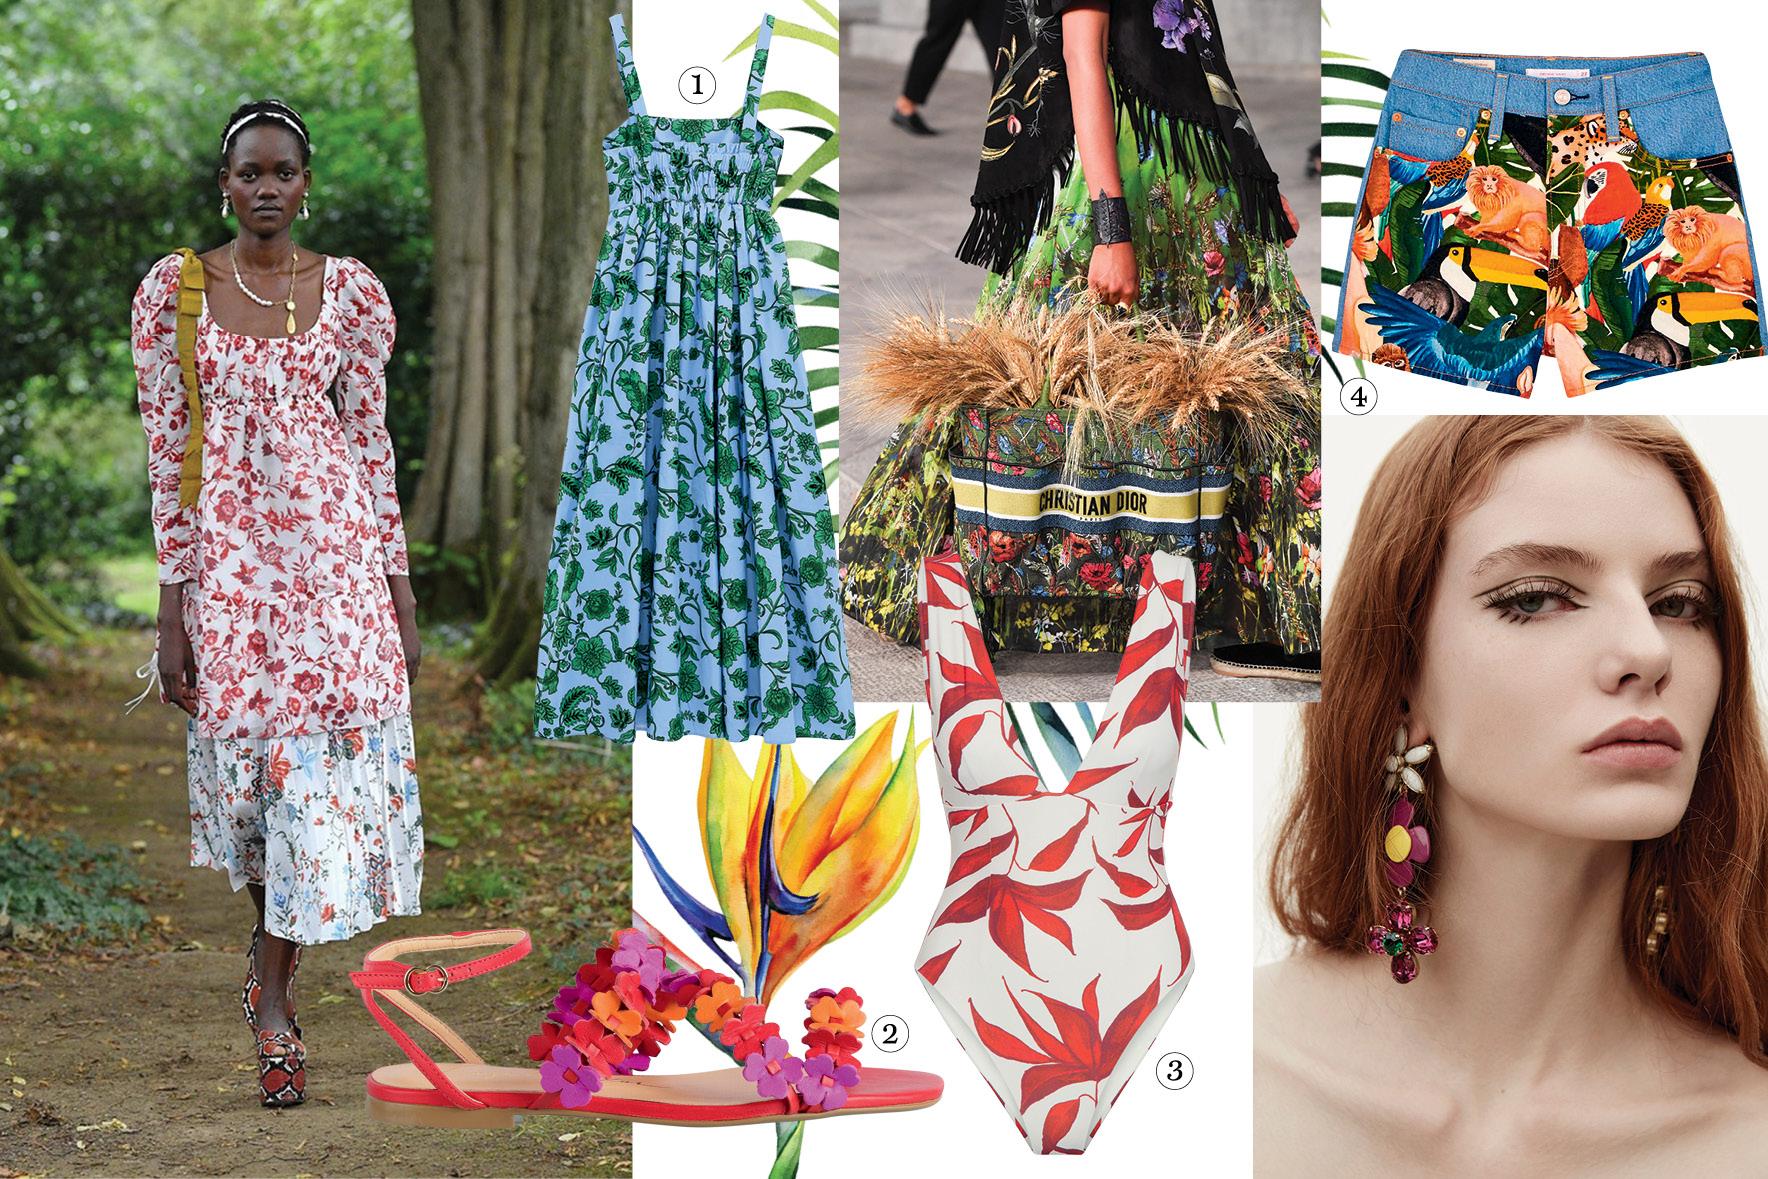 Colagem com diversas atrizes, modelos e peças de roupas com estampas botânicas bem coloridas